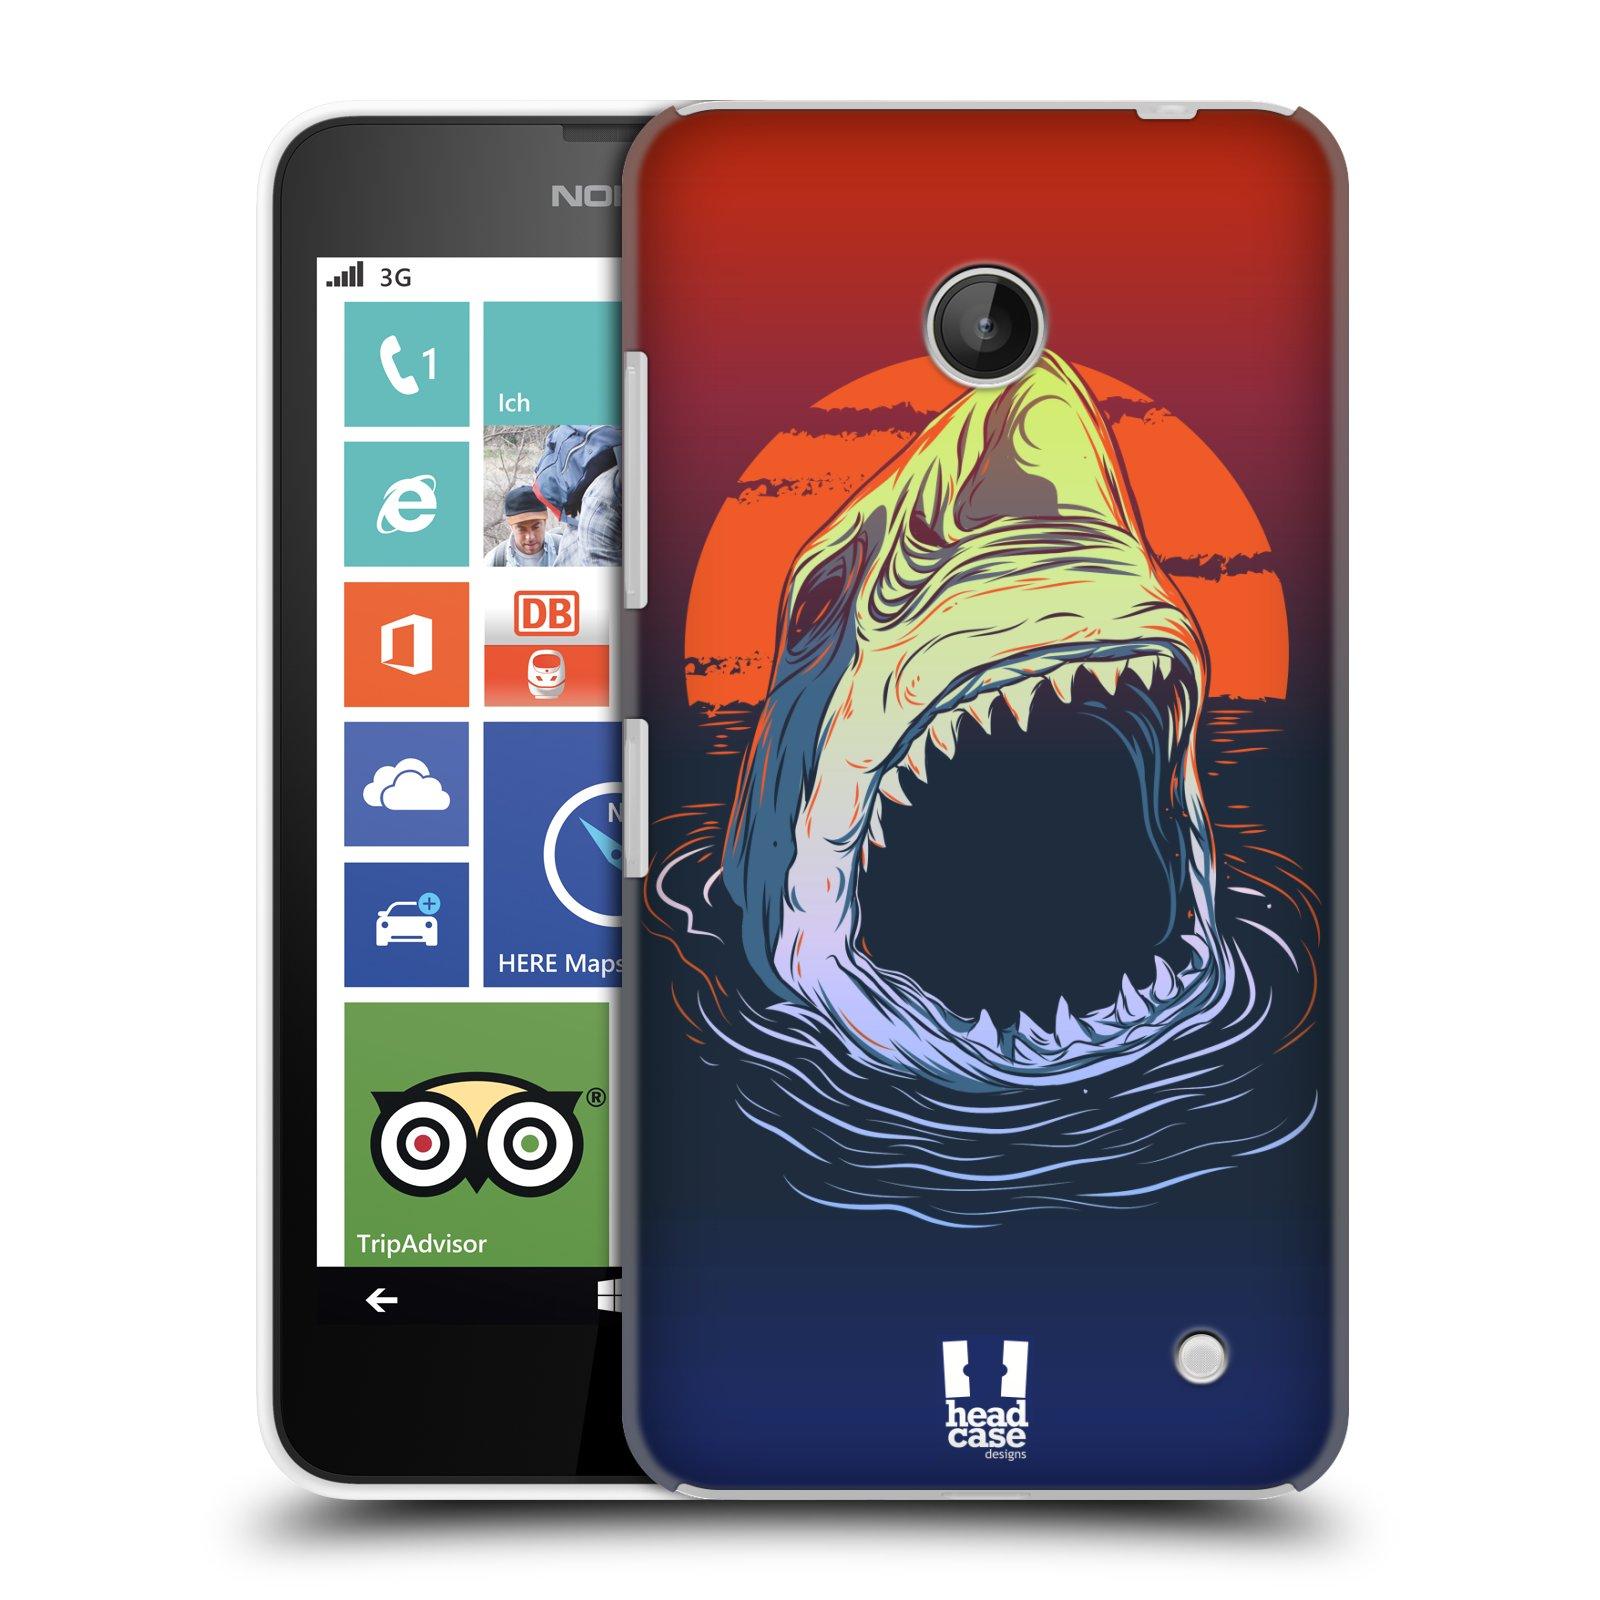 Plastové pouzdro na mobil Nokia Lumia 630 HEAD CASE HLADOVÝ ŽRALOK (Kryt či obal na mobilní telefon Nokia Lumia 630 a Nokia Lumia 630 Dual SIM)